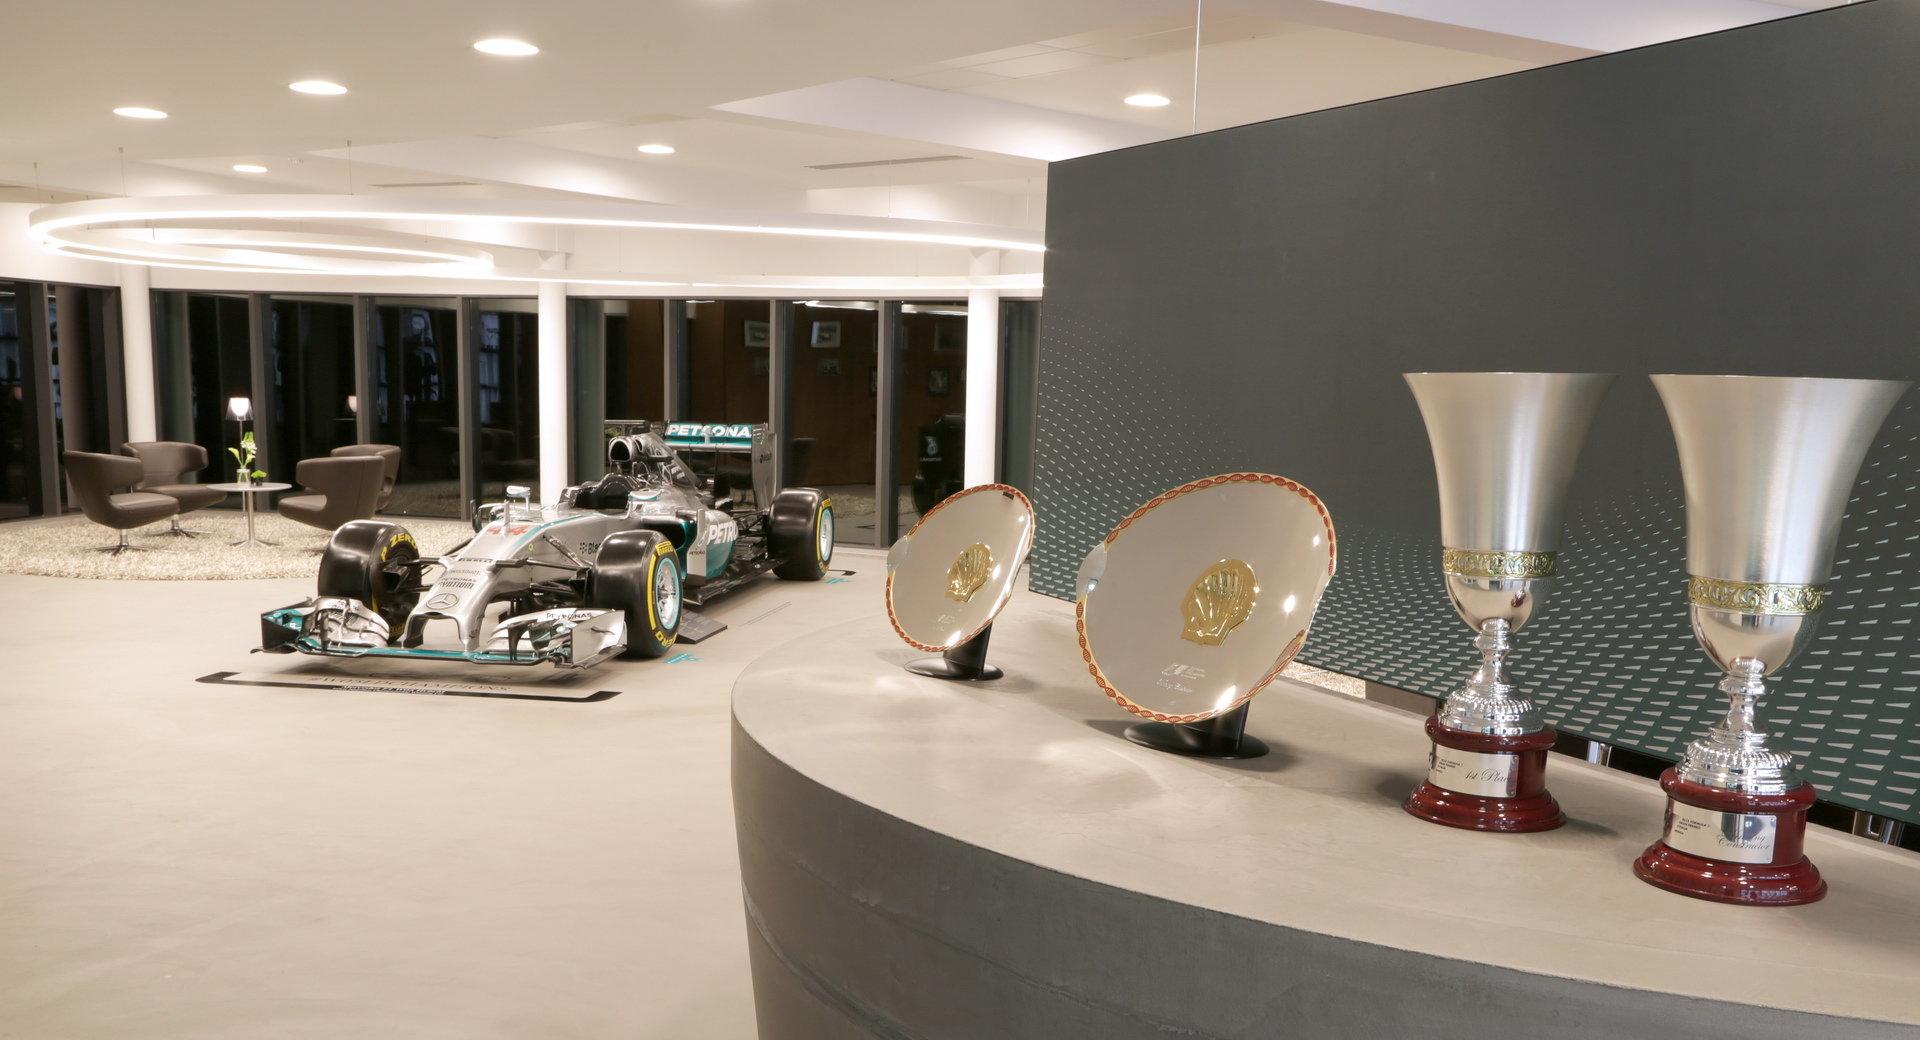 Z továrny Mercedesu v Brackley